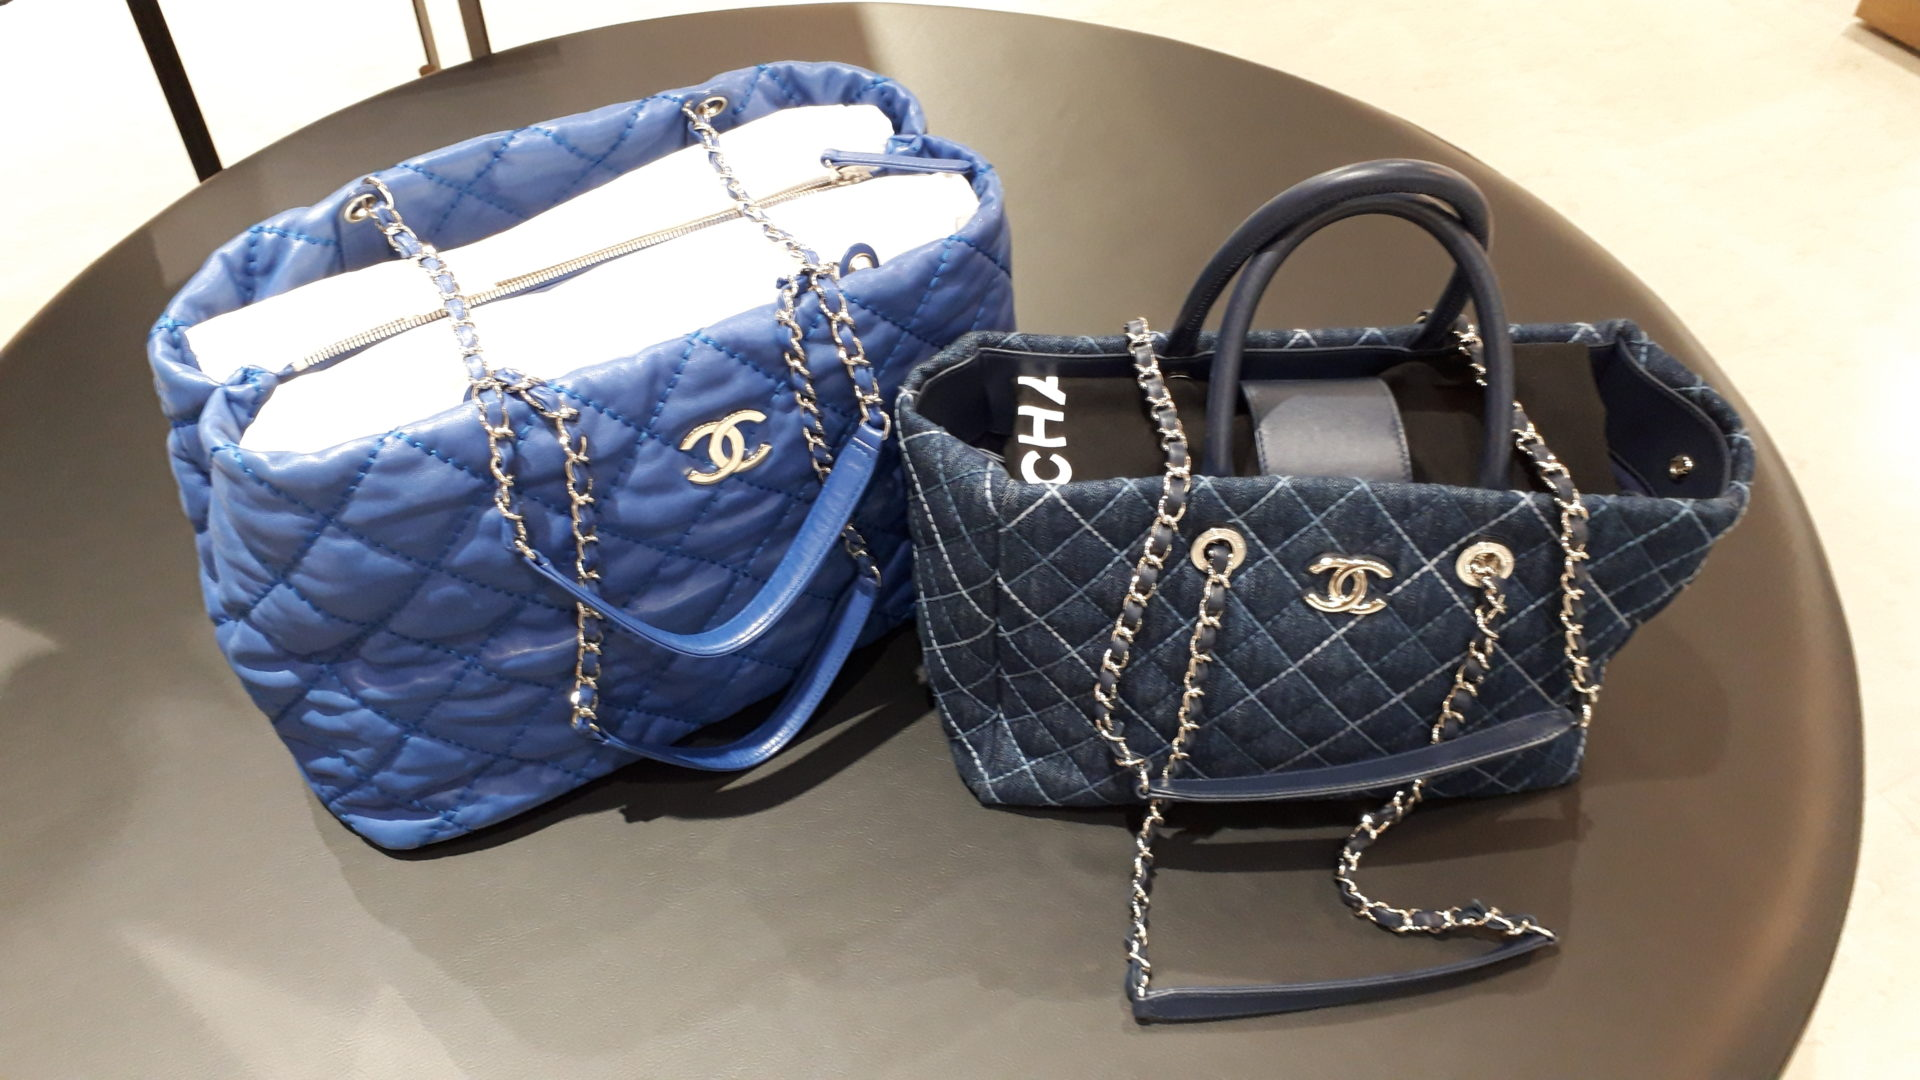 【シャネル 買取 盛岡】シャネル マトラッセ ワイルドステッチバッグを盛岡市のお客様よりお買い取りさせていただきました!